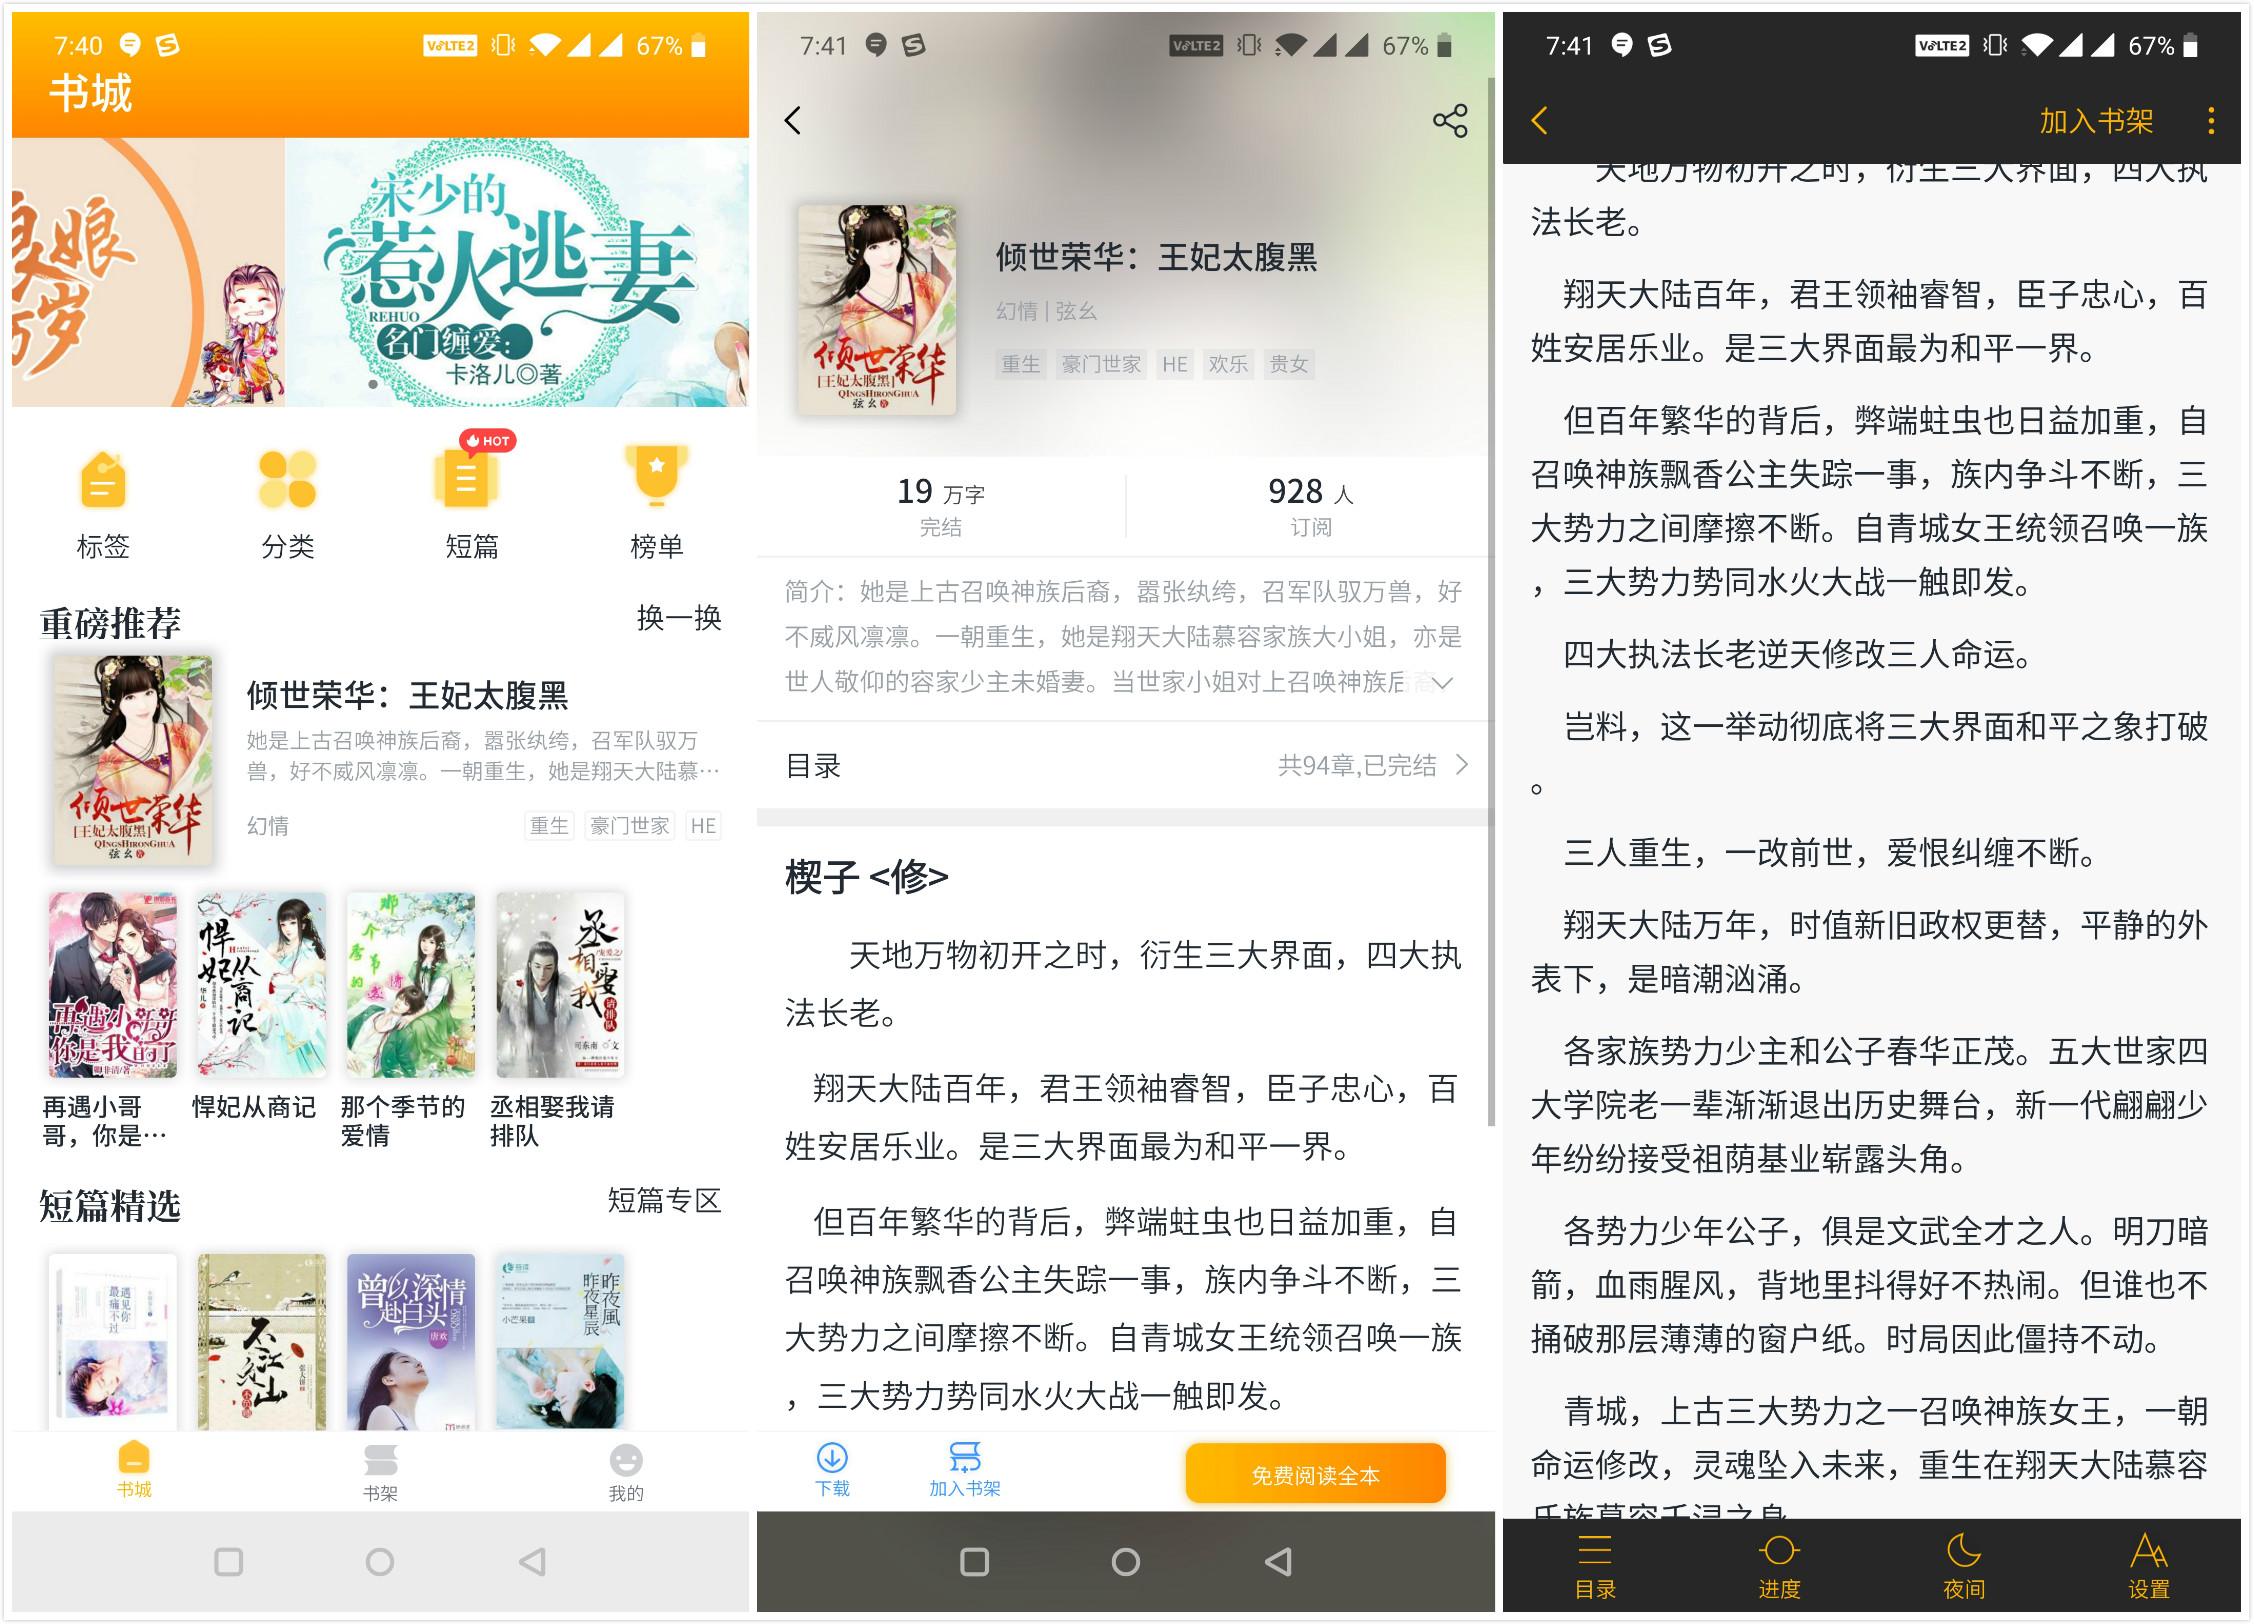 安卓橘子小说v4.0.1